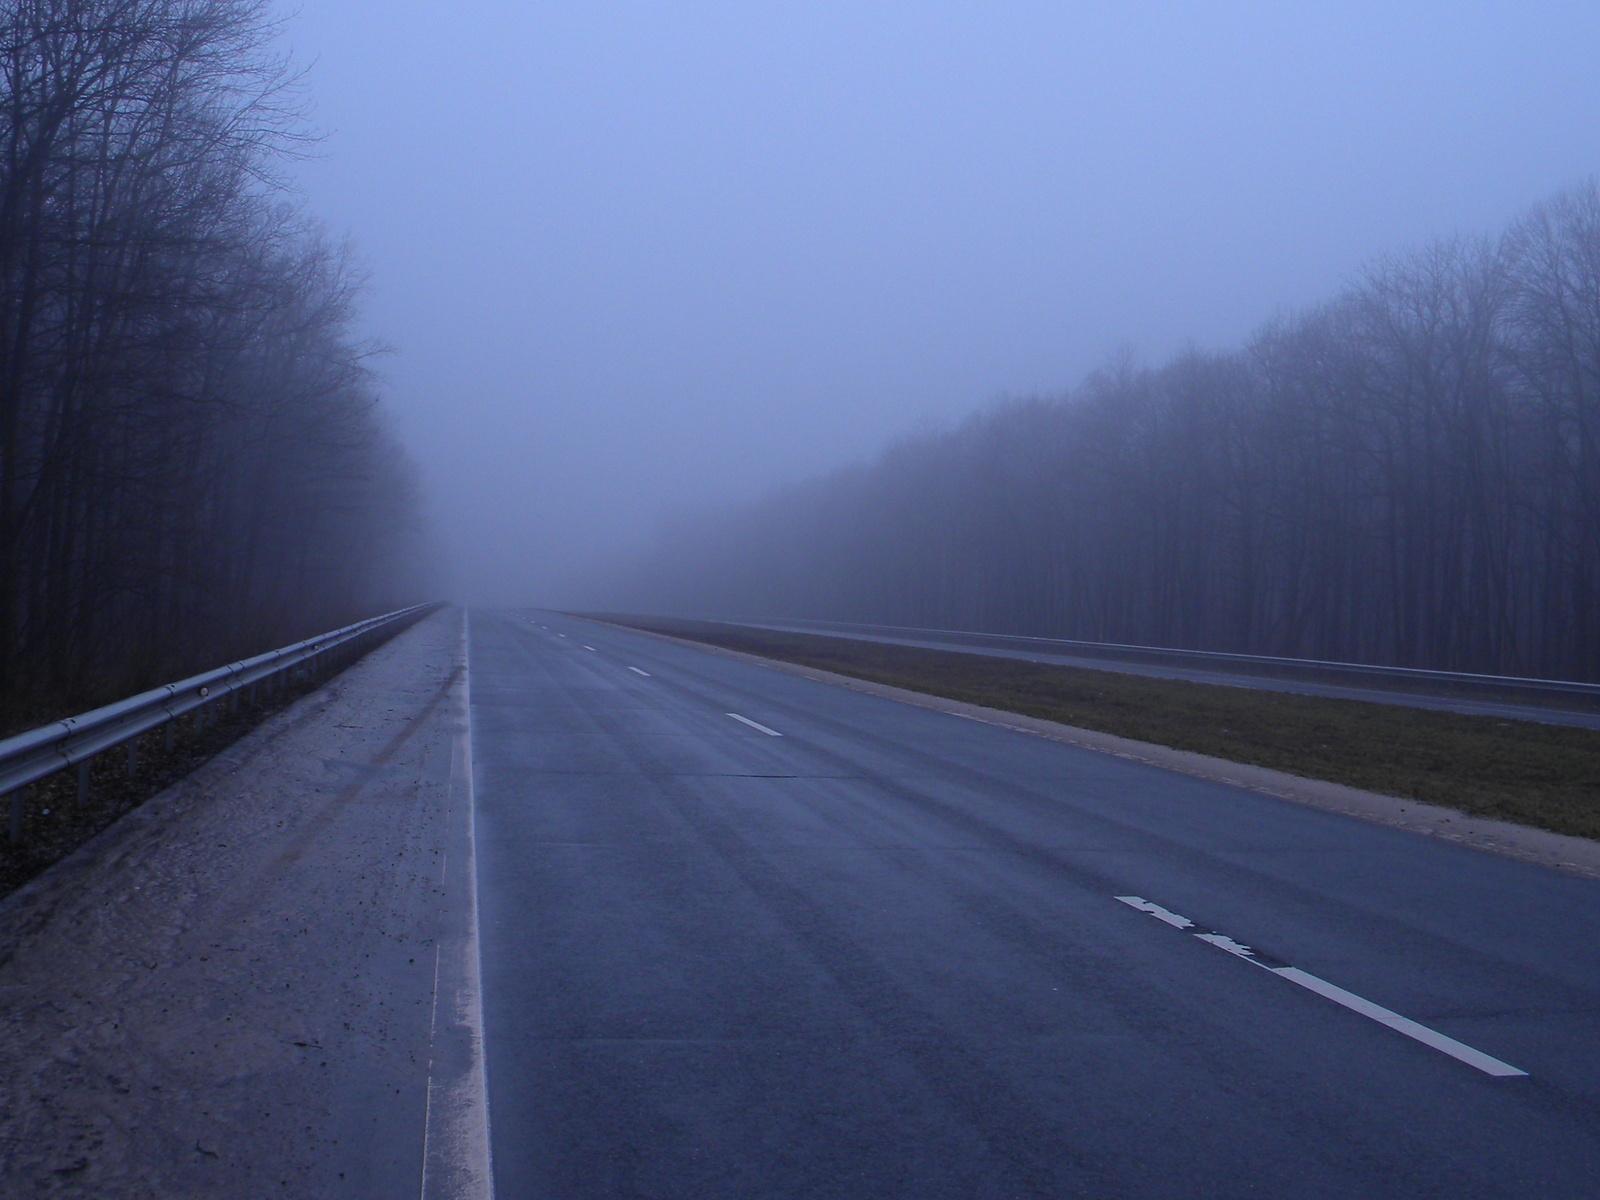 Тверских водителей предупредили о сильном тумане